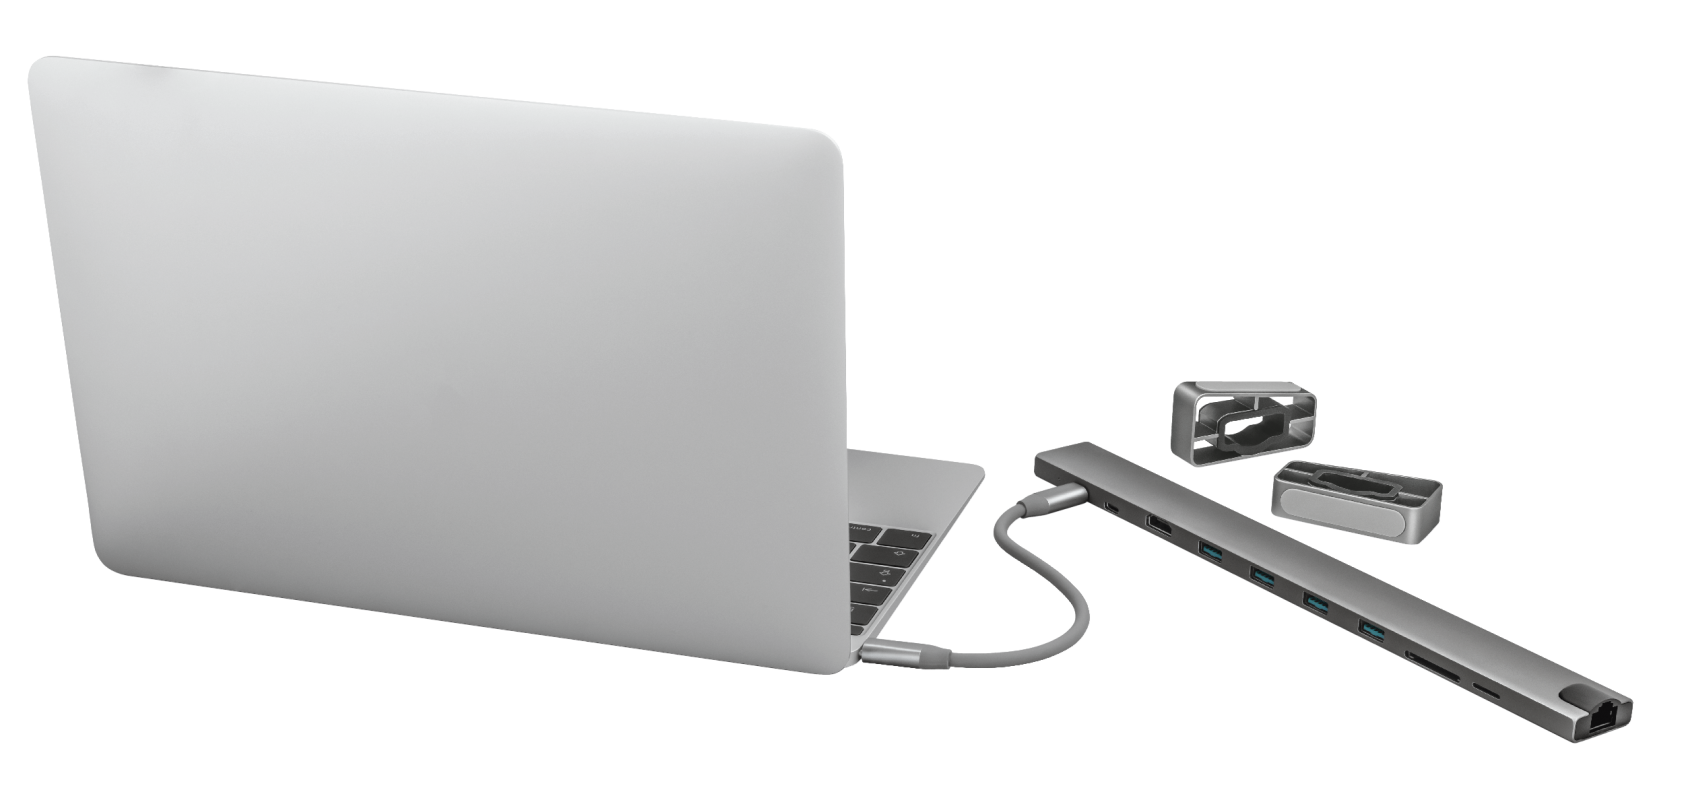 Adaptor Trust Dalyx Aluminium 10-in-1 USB-C Multi-port Dock - imaginea 3